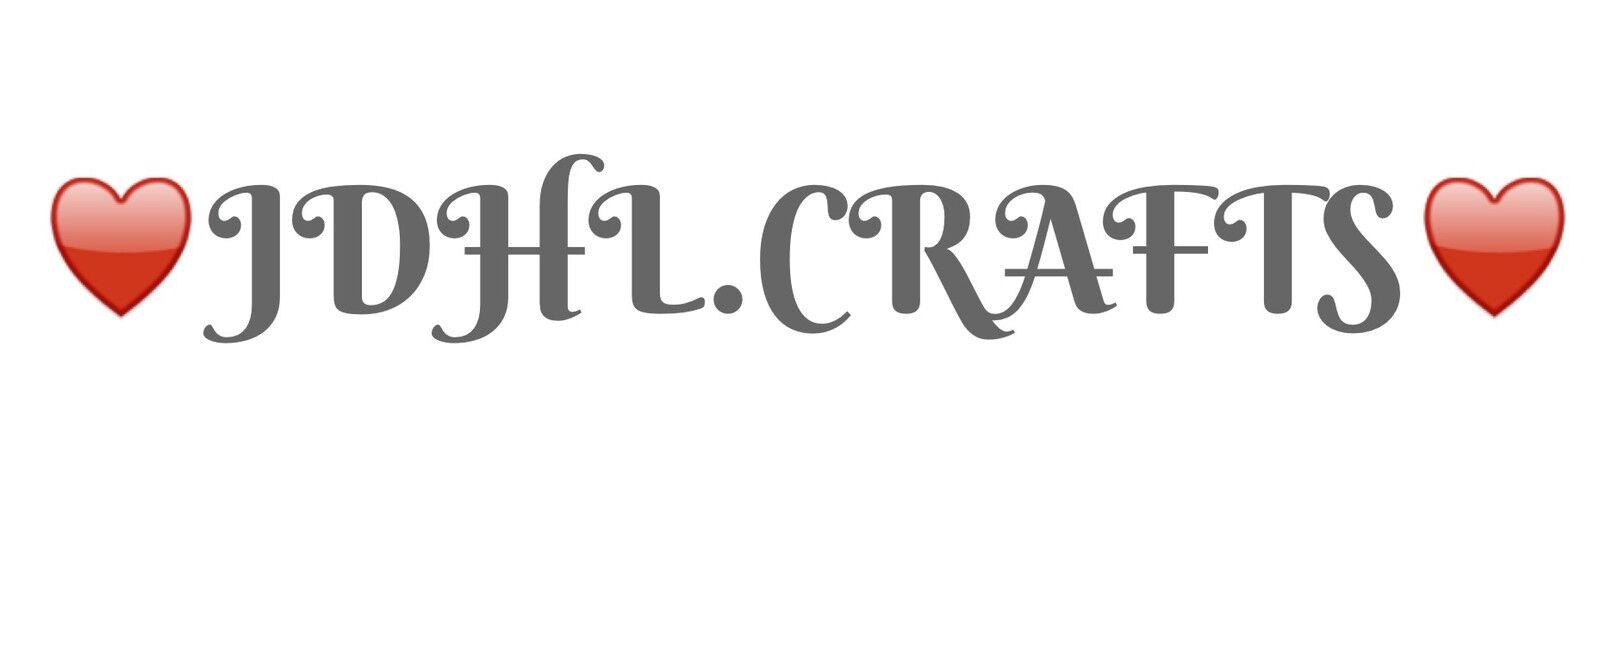 Jdhl.crafts ltd